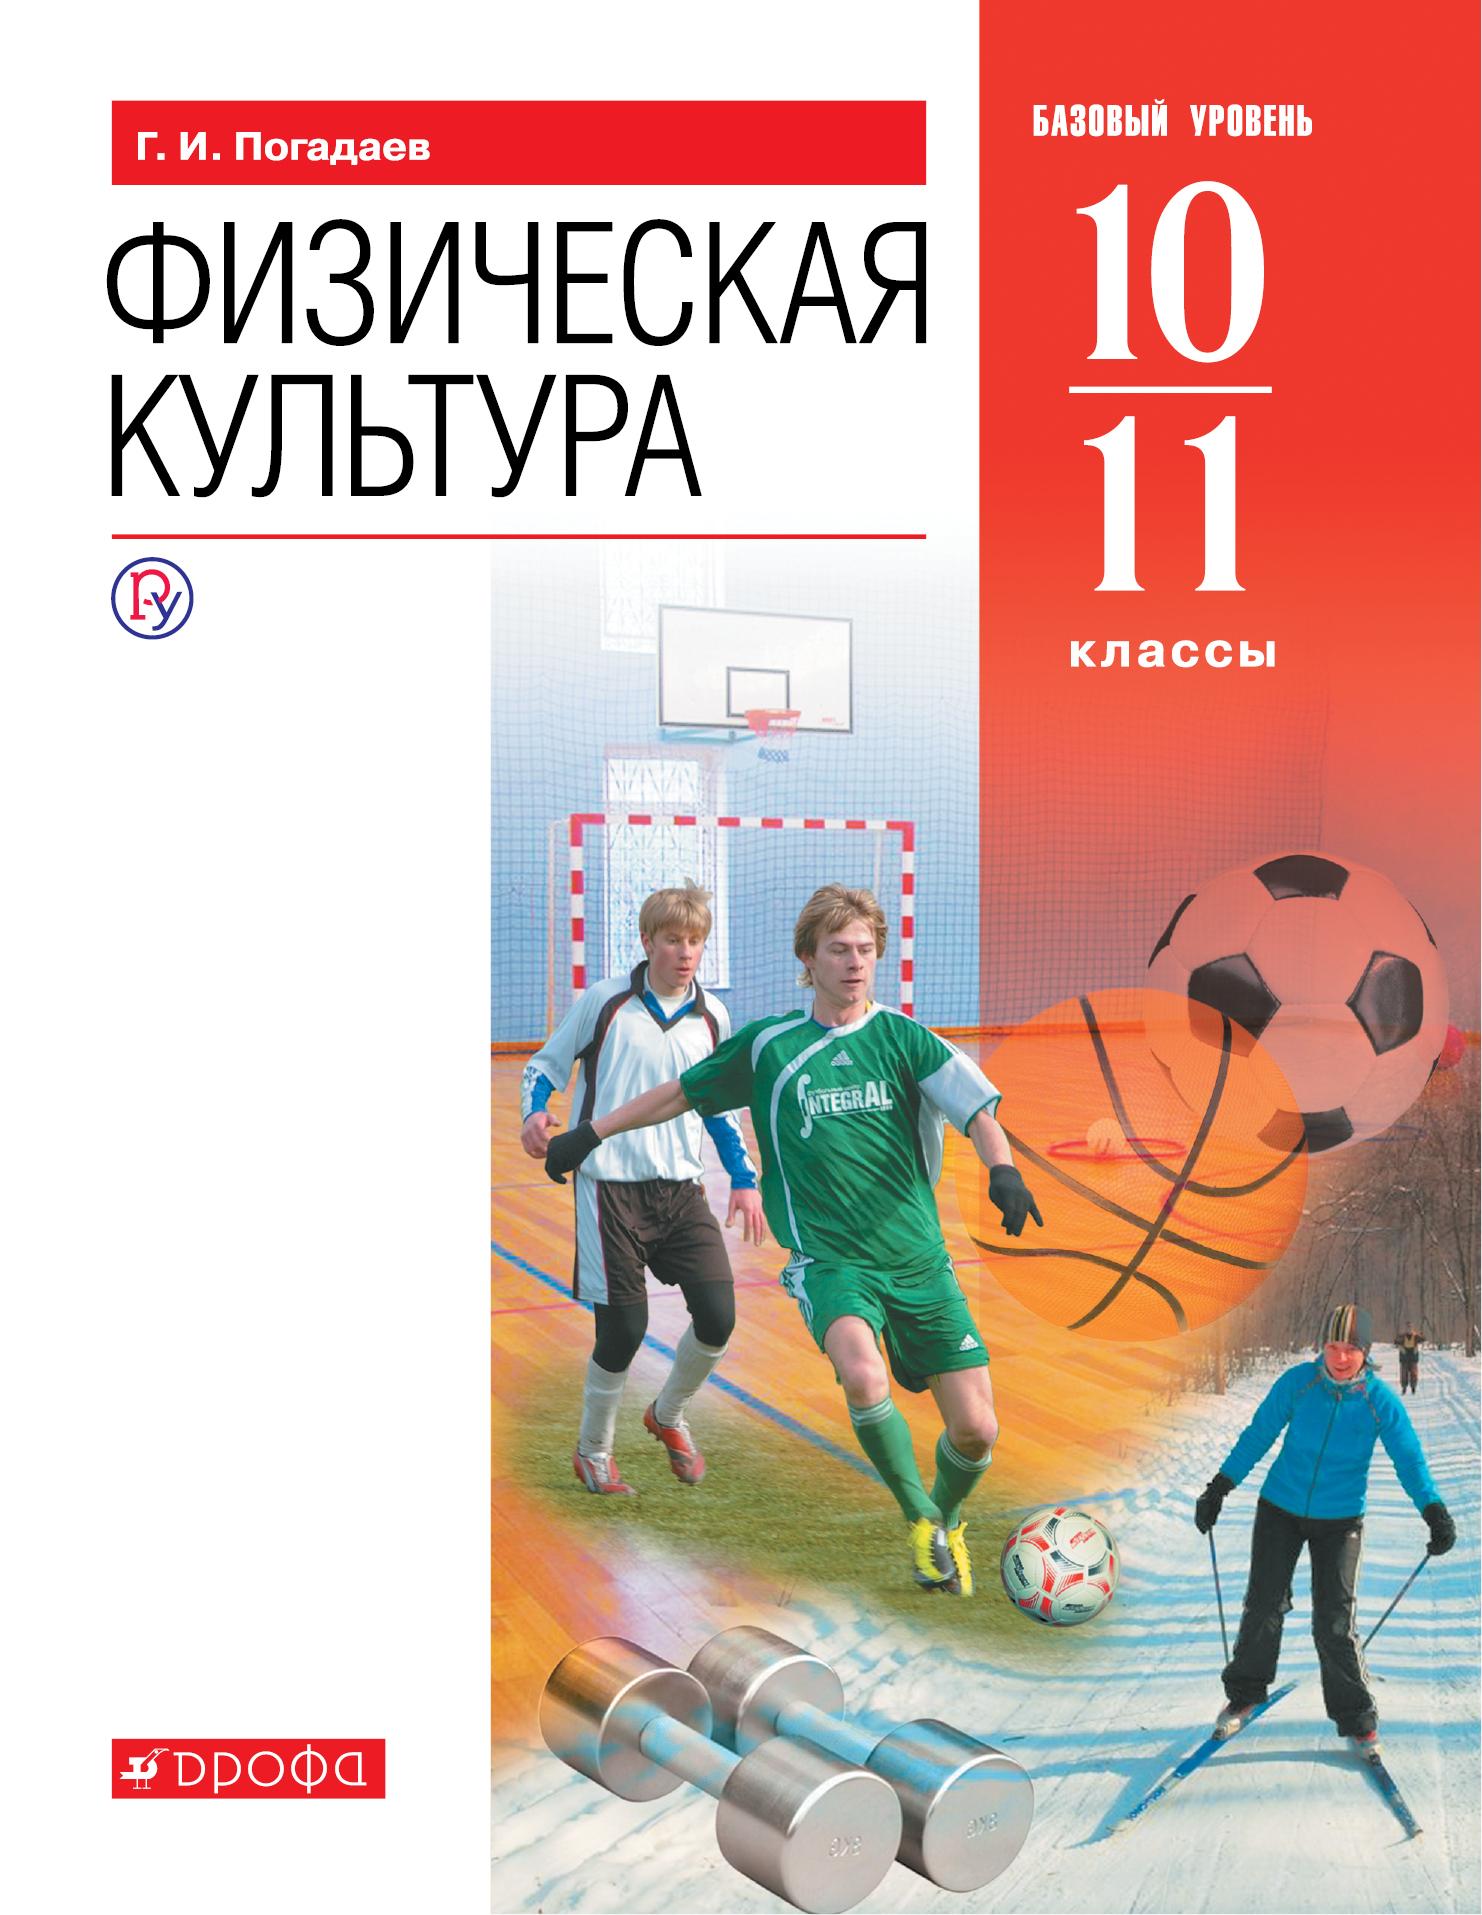 Погадаев Г.И. Физическая культура. 10-11 классы. Учебник.